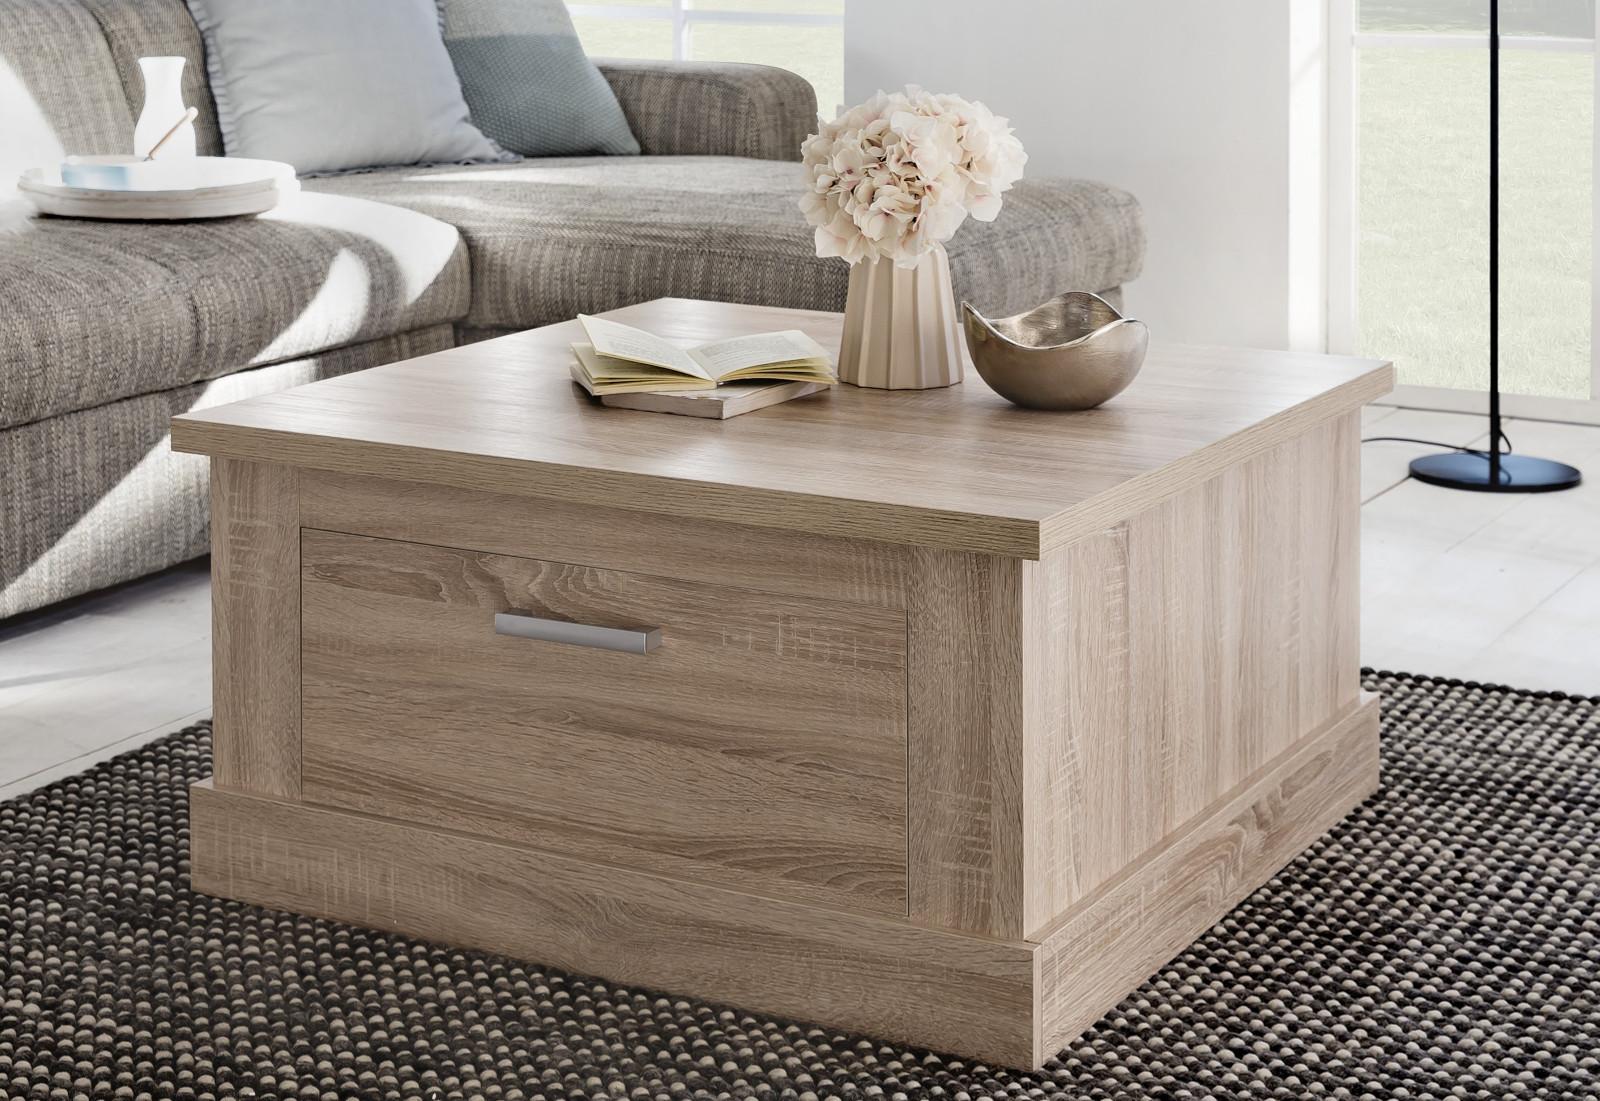 Couchtisch Wohnzimmer Tisch Sonoma Eiche 2x Schubkasten